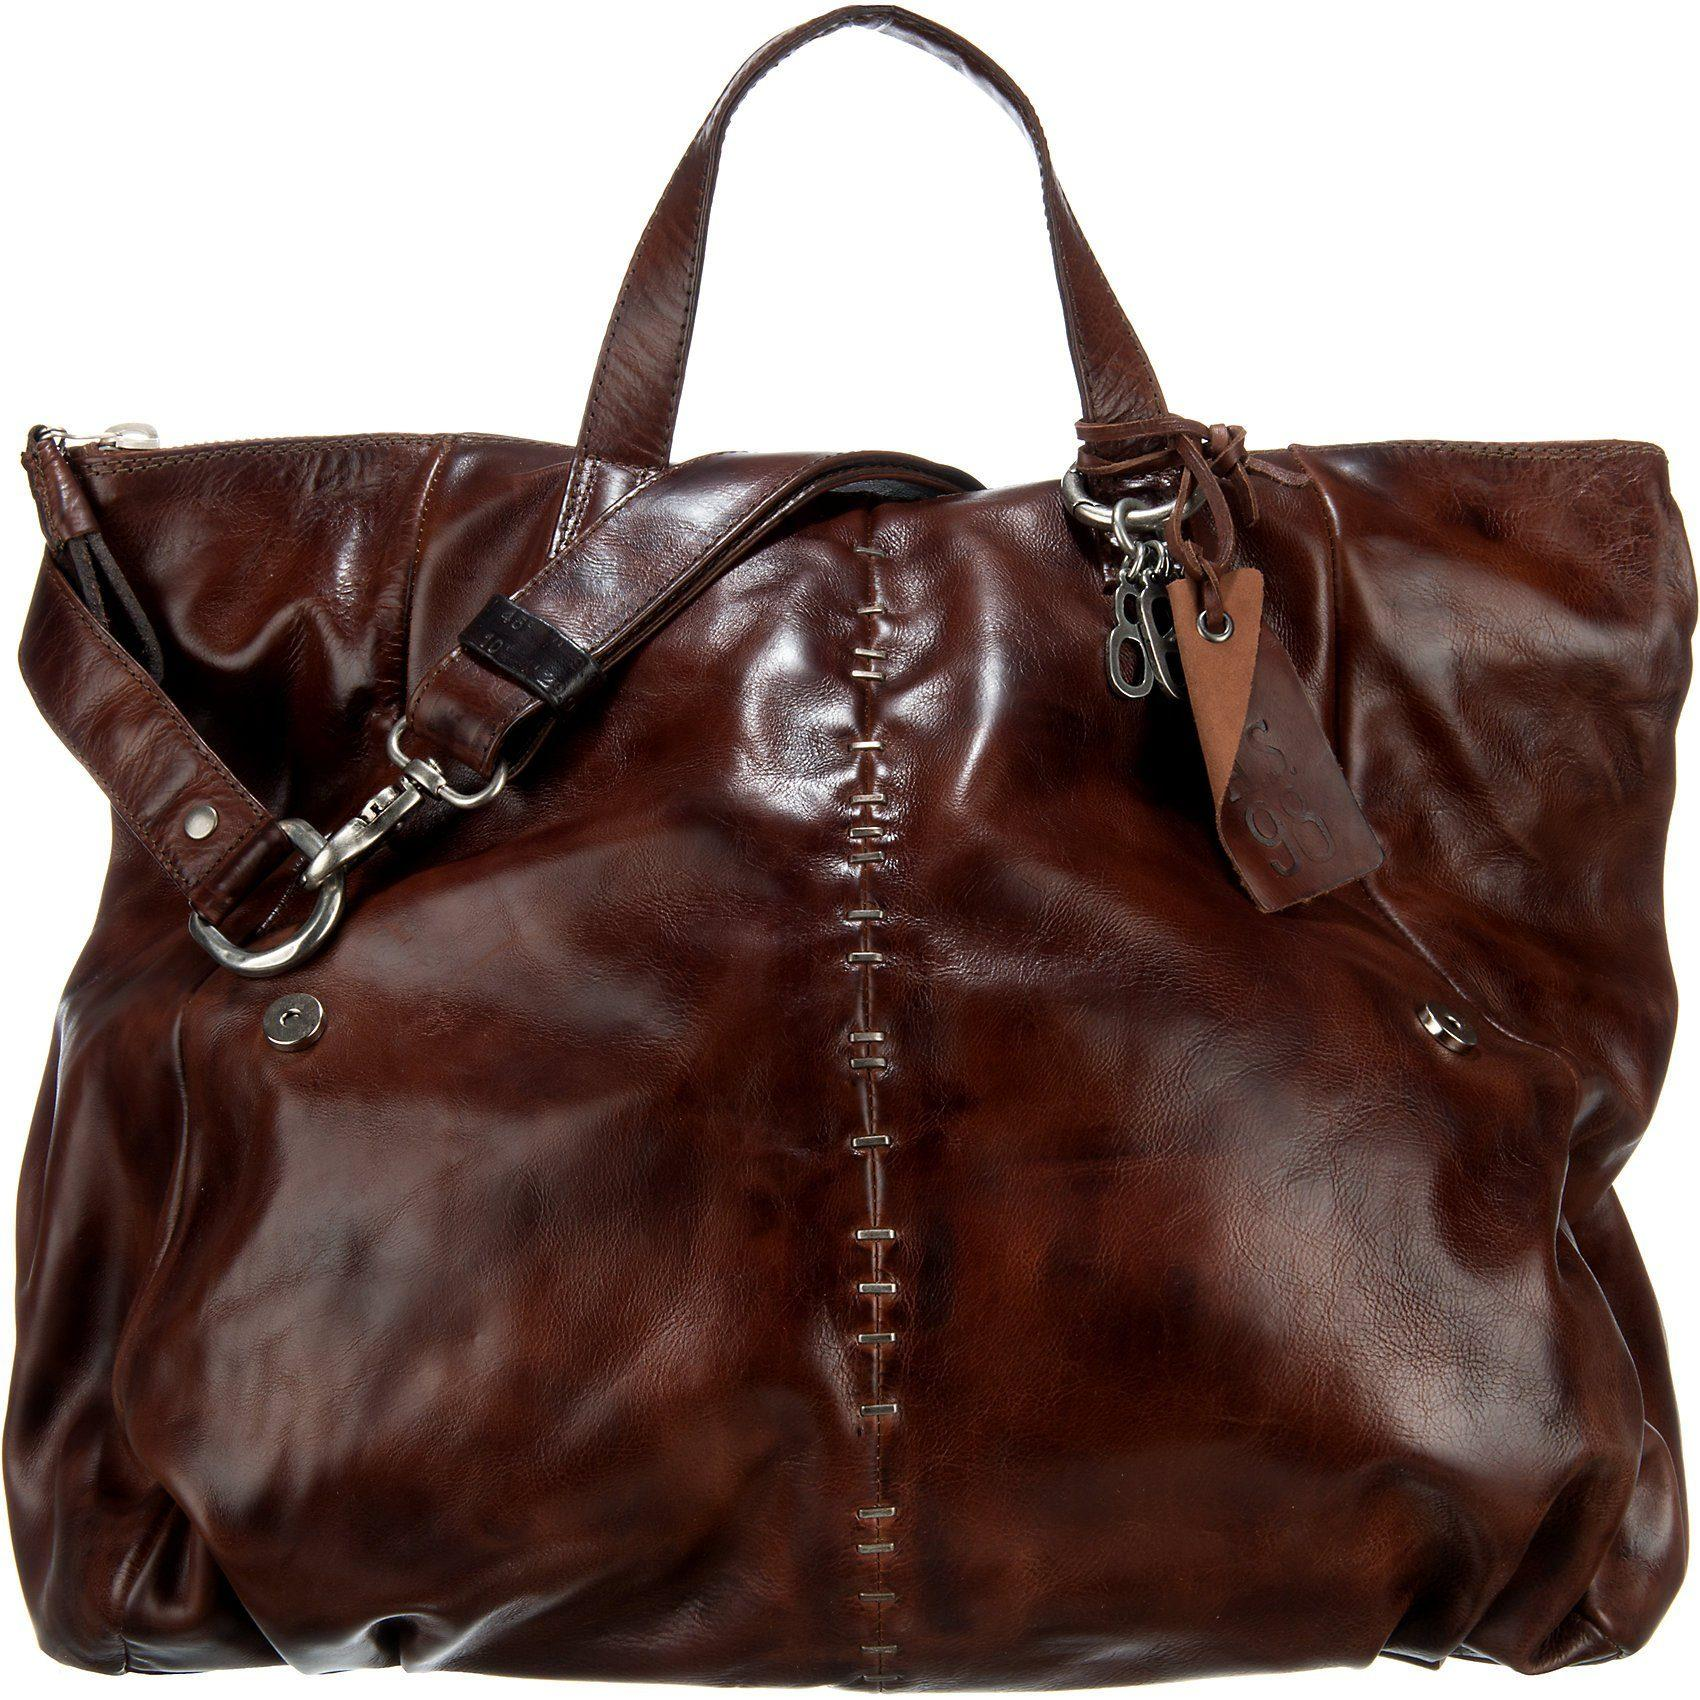 A.s.98 Handtaschen in Braun CBHUI